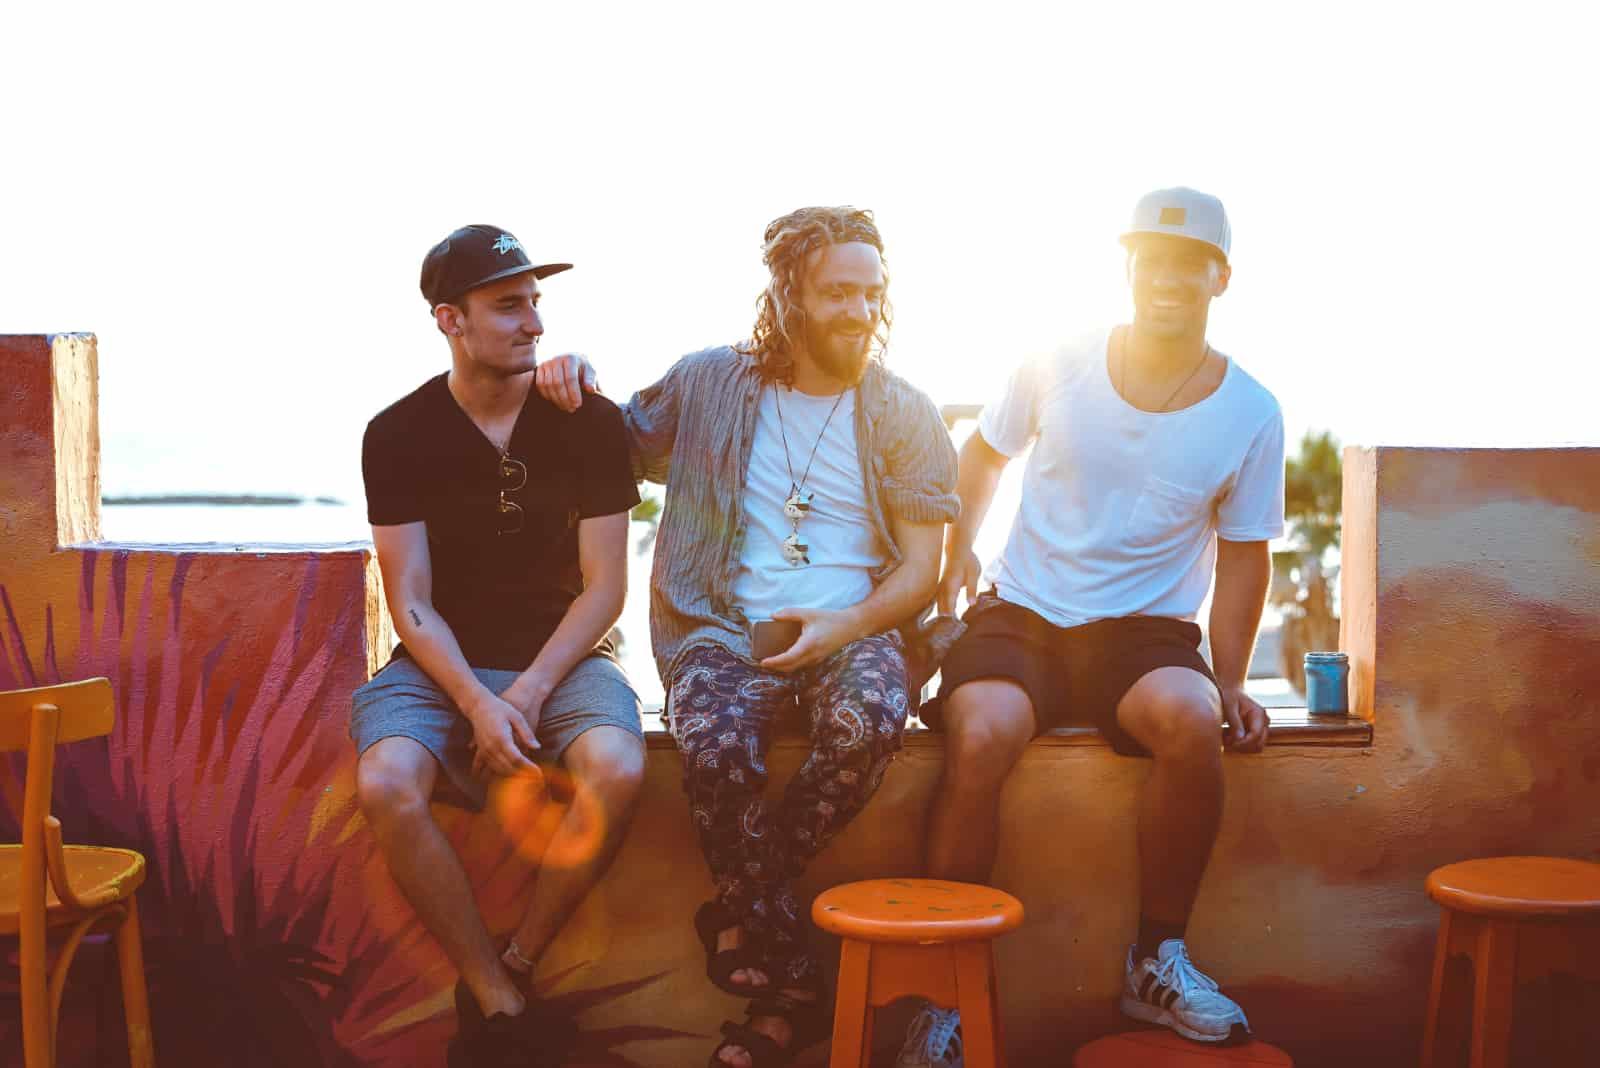 trois hommes discutant assis en plein air